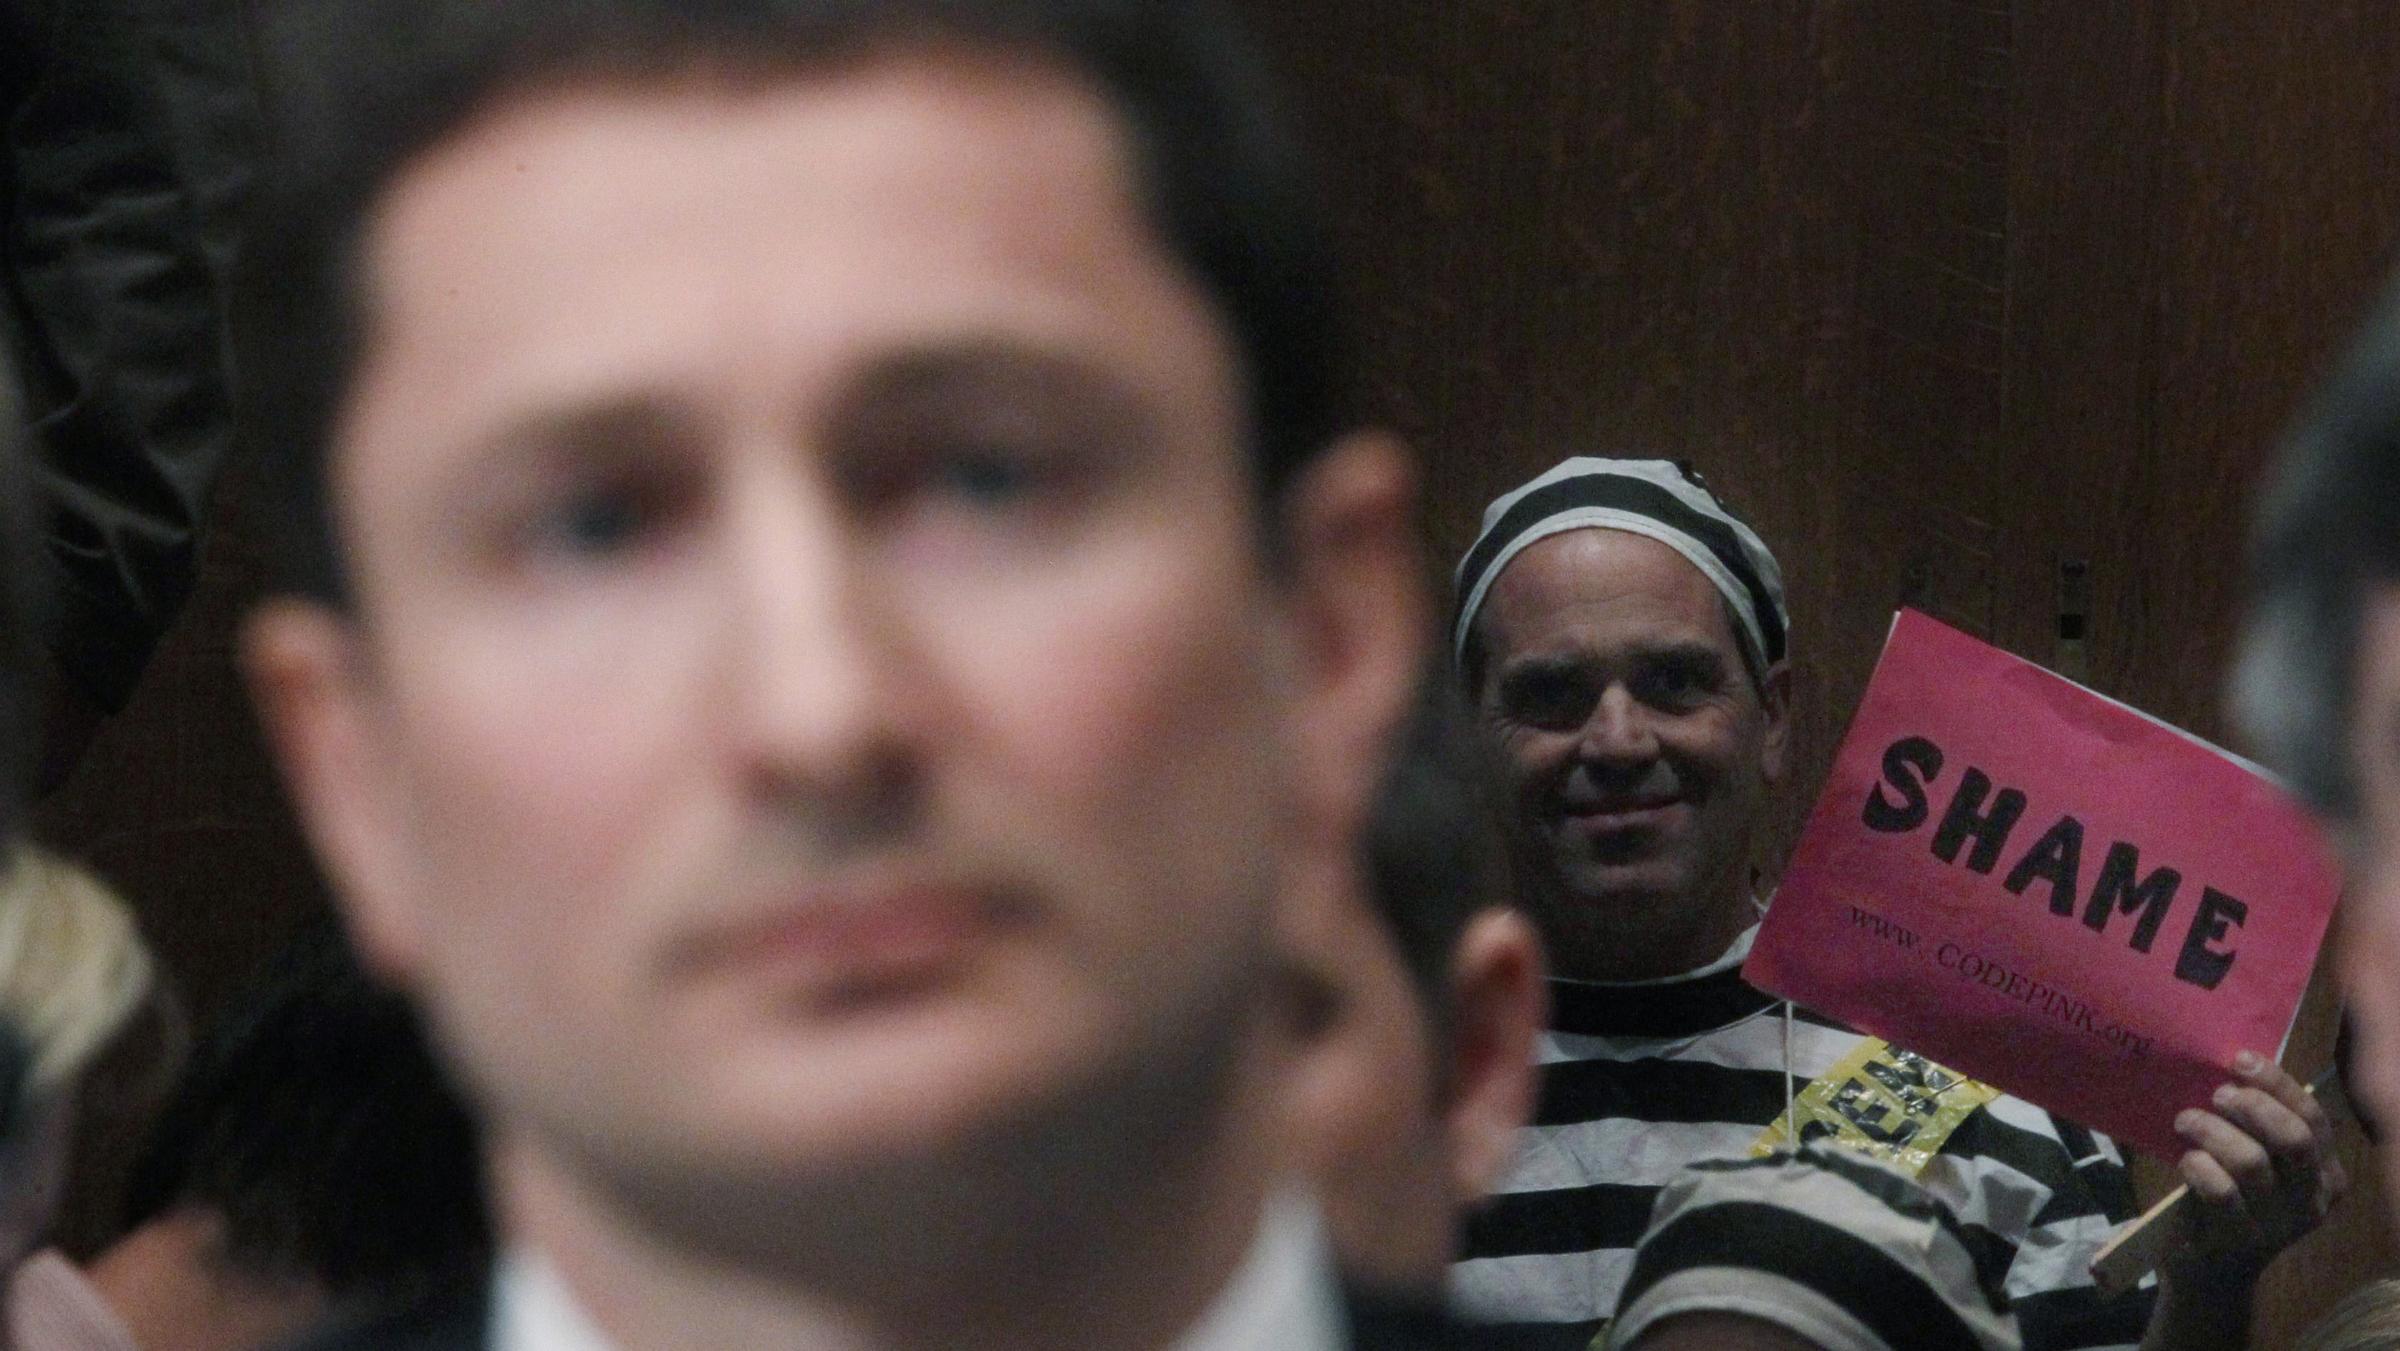 fabrice tourre fabulous fab trial SEC